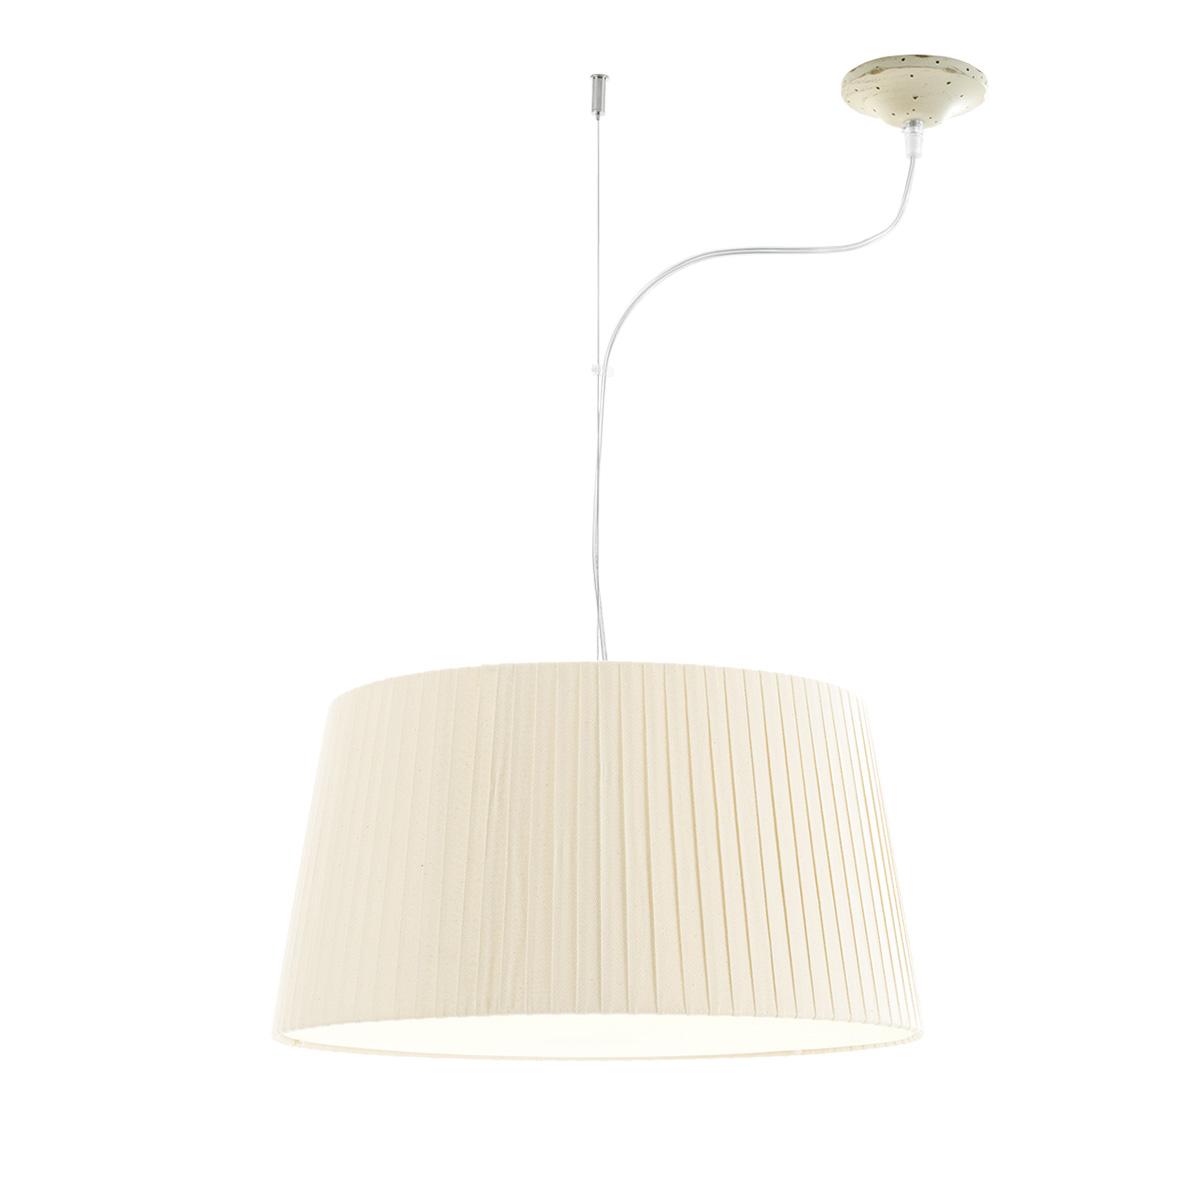 Κρεμαστό φωτιστικό TURN RUSTICO suspension lamp